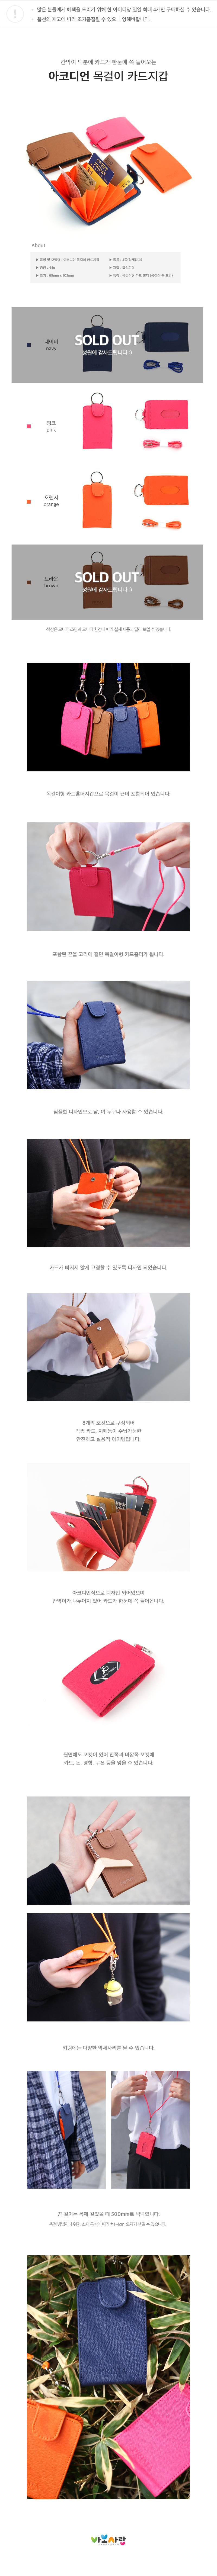 아코디언 목걸이 카드지갑 - 핑크풋, 4,300원, 동전/카드지갑, 목걸이형카드지갑